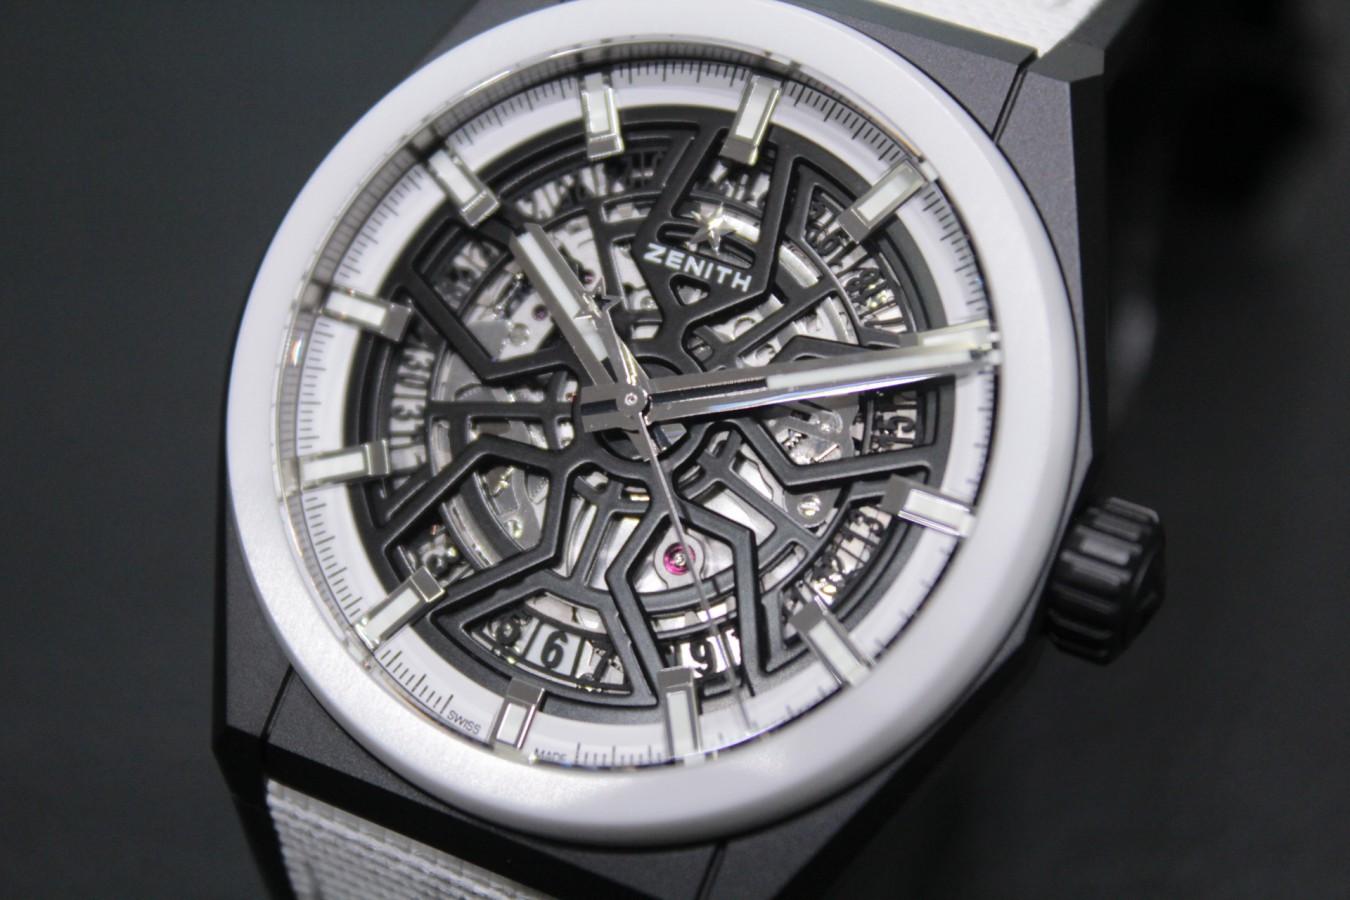 IMG_6333 今年最も注目すべきモデルの一つ!?世界100本限定の【デファイクラシック ブラック&ホワイト】 - DEFY